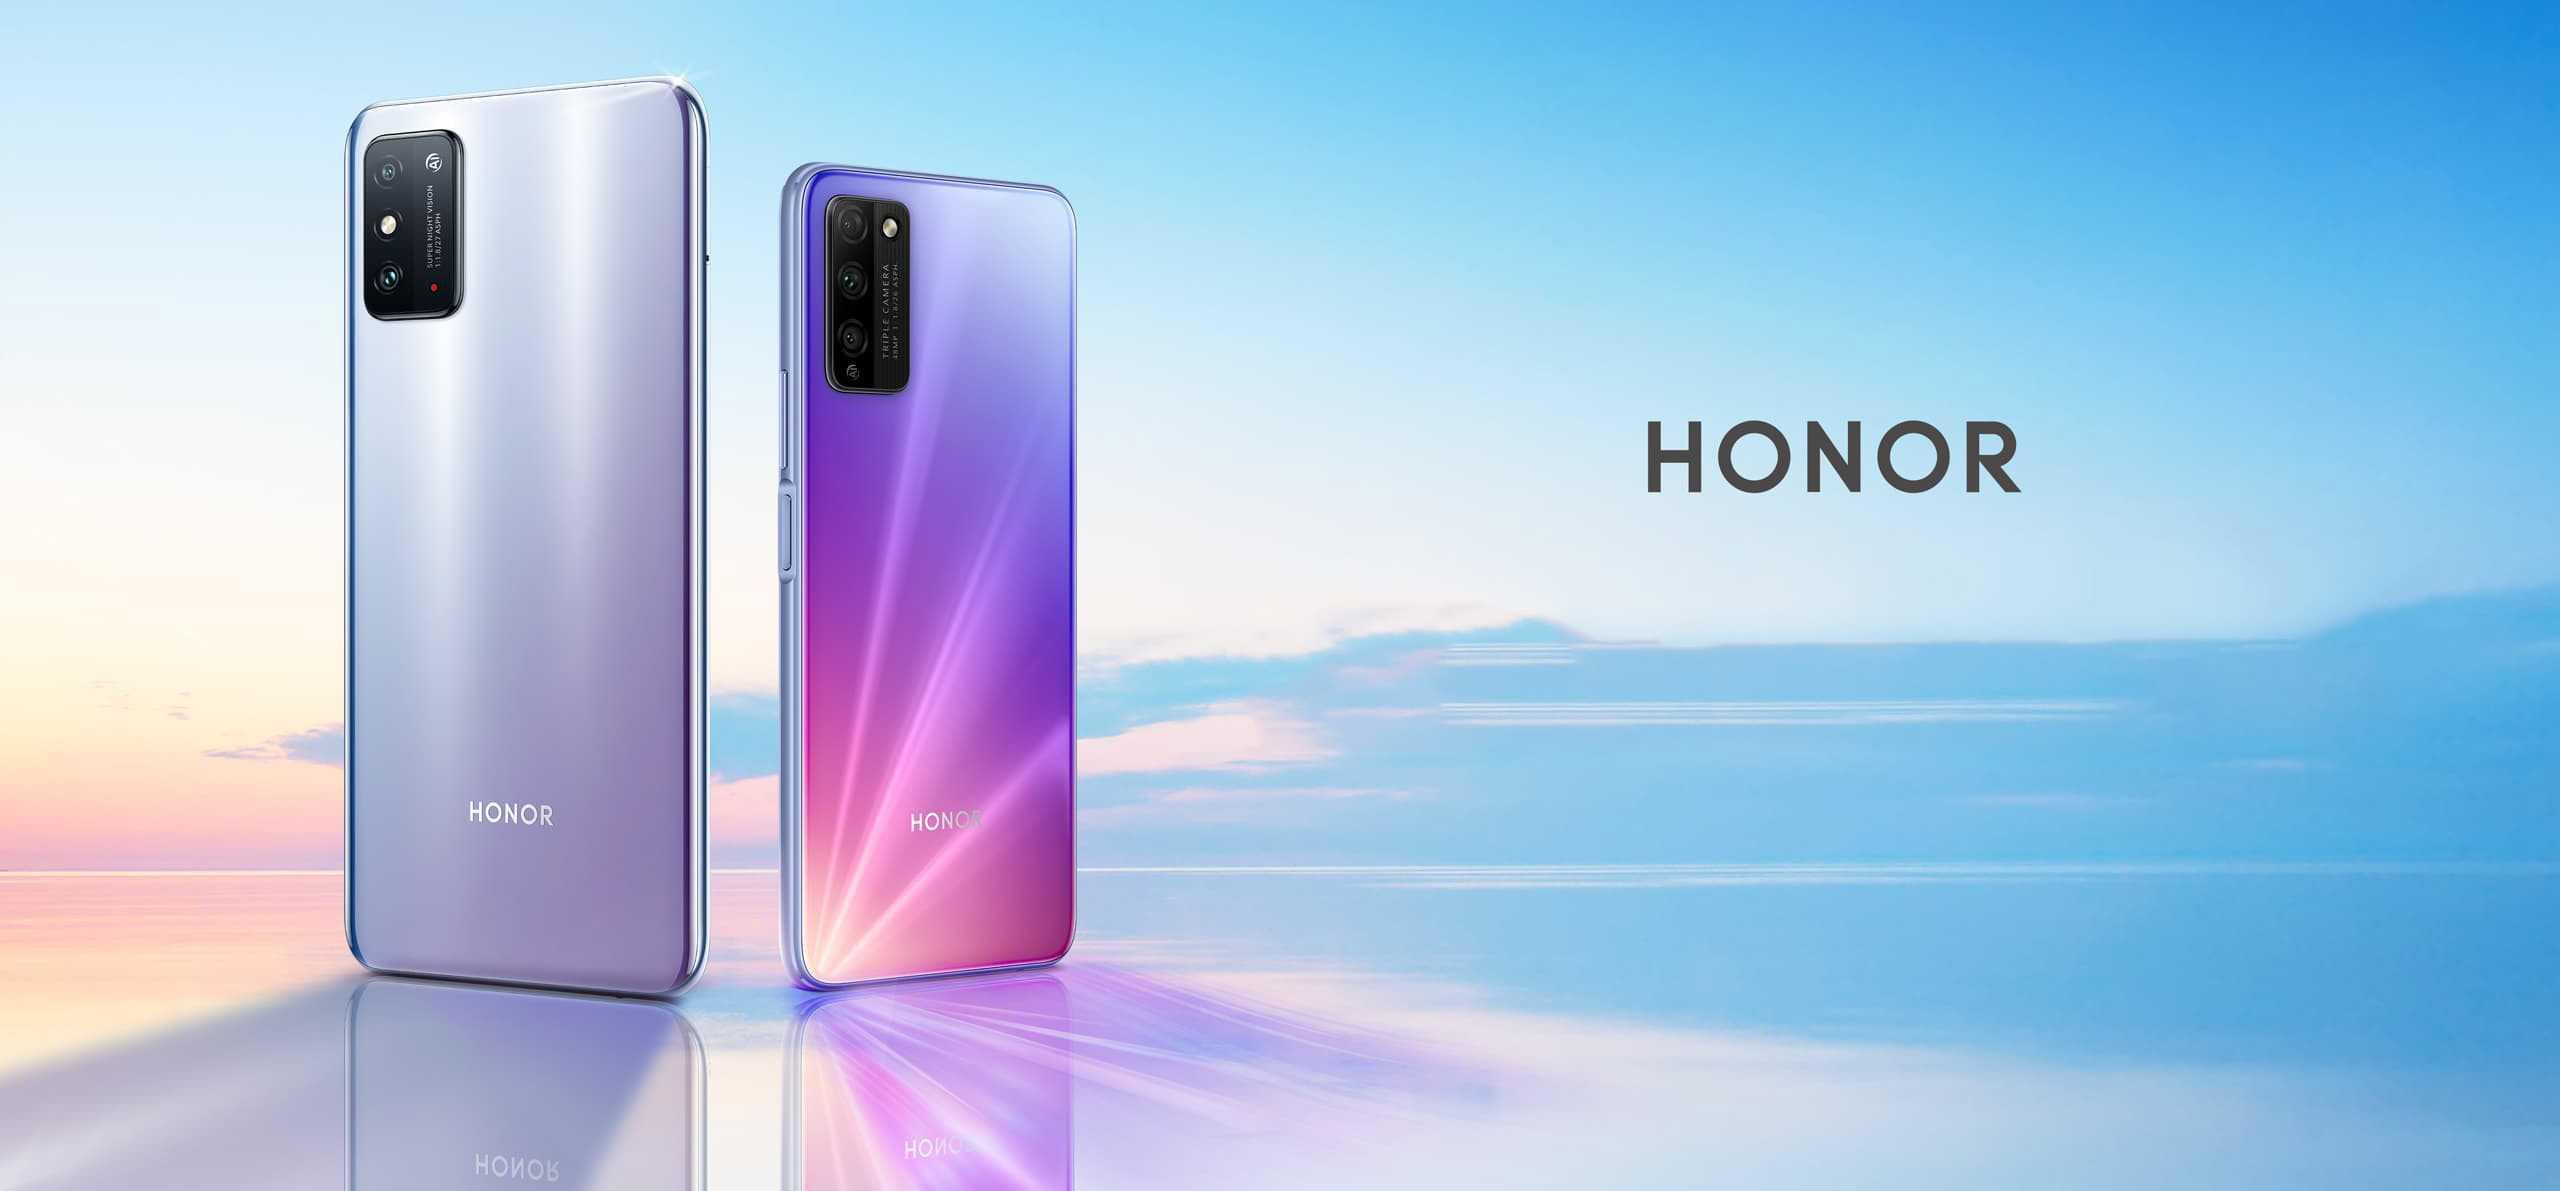 Уже 22 октября должна состояться официальная презентация нового смартфона Honor 20Youth Edition Незадолго до премьеры (уже традиция) в сеть «просочились» снимки